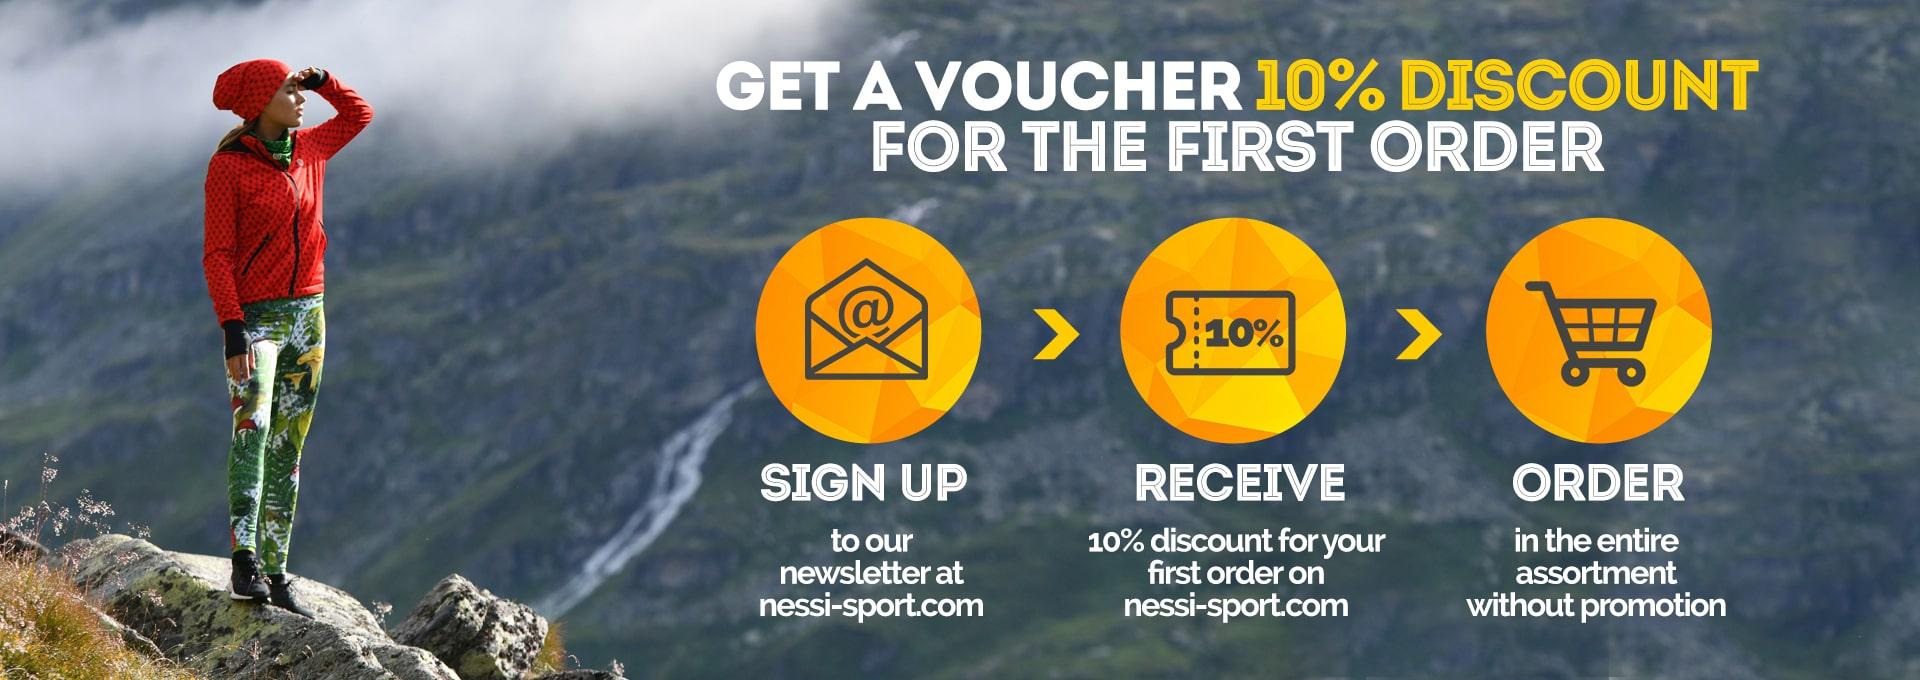 get 10% discount